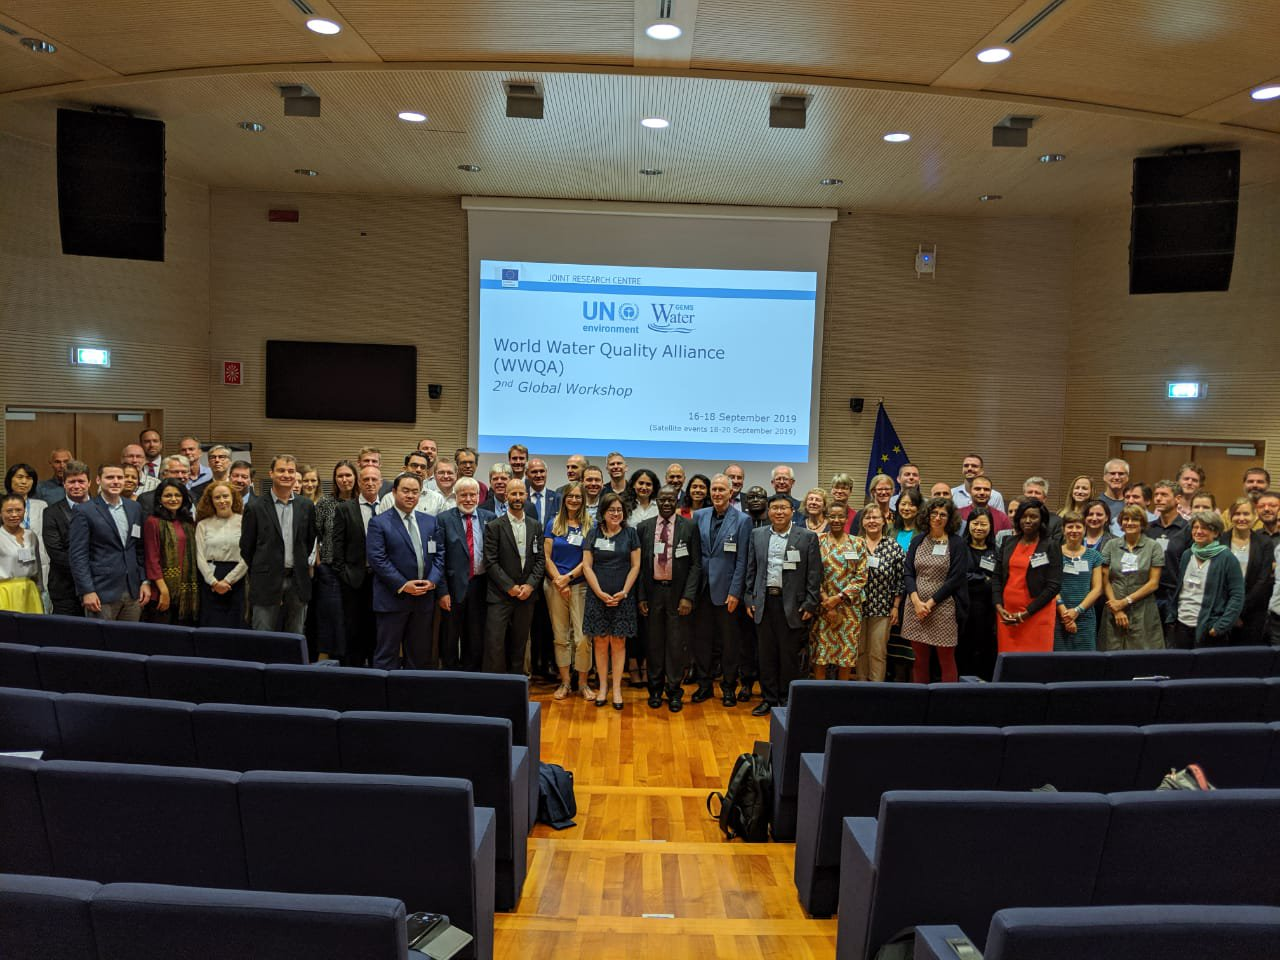 Vertreter von mehr als 50 Organisationen nahmen an dem Workshop der World Water Quality Alliance (WWQA) in Ispra teil.